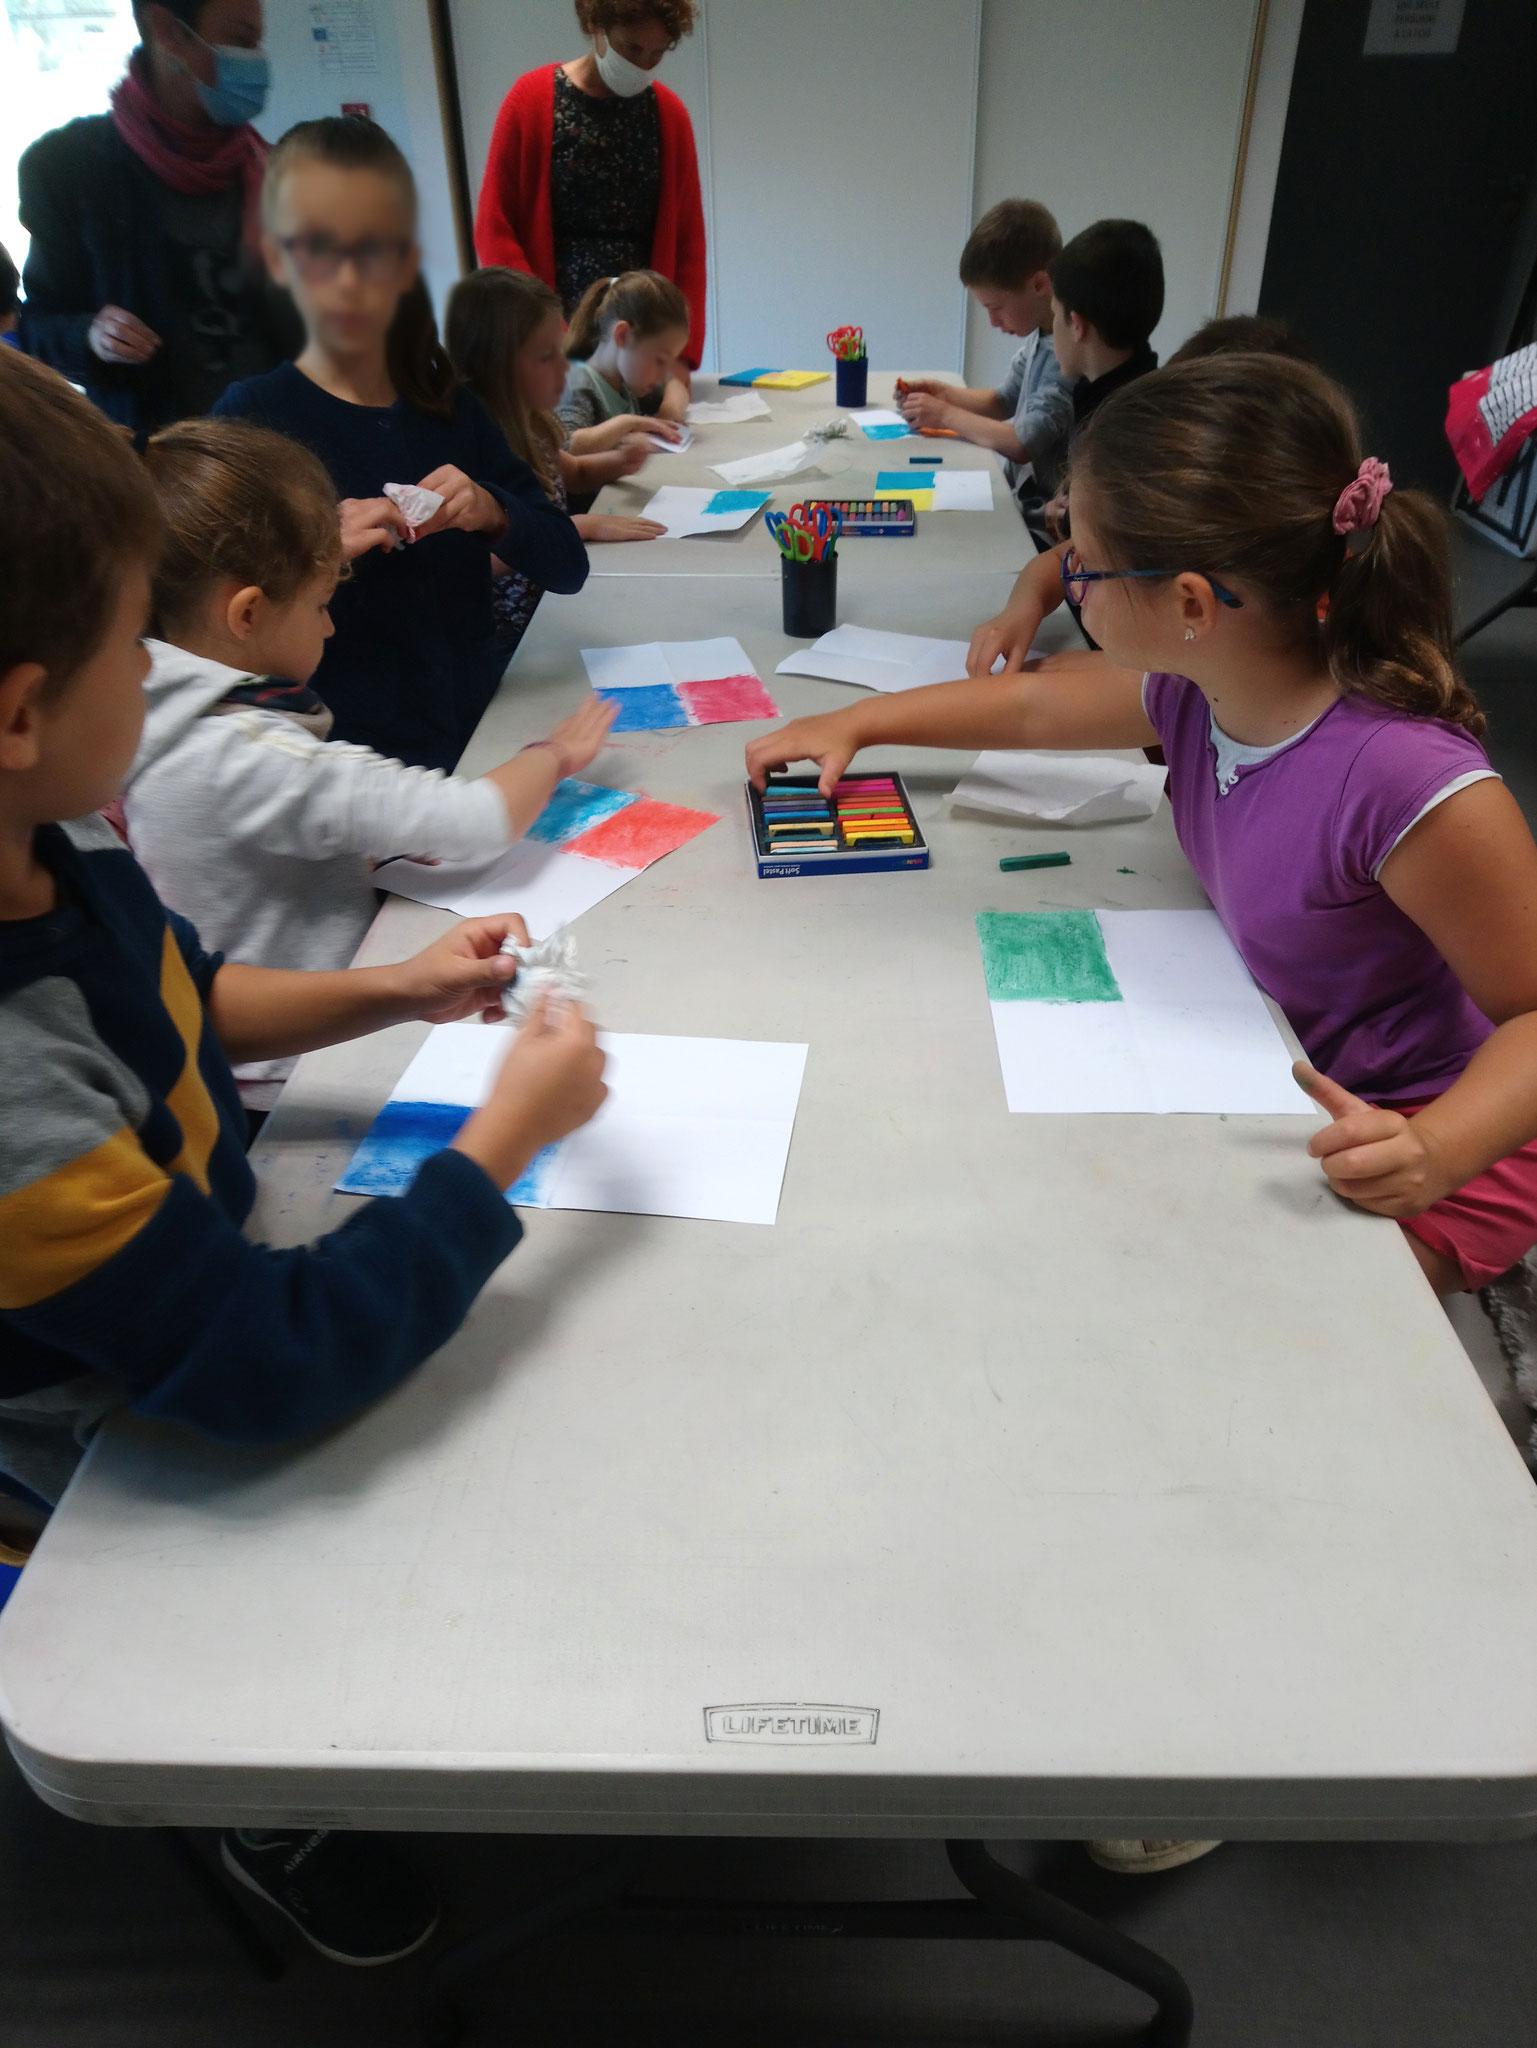 Classe de CE2 de l'école élémentaire publique du Pays Pourpré, Montfort-sur-Meu